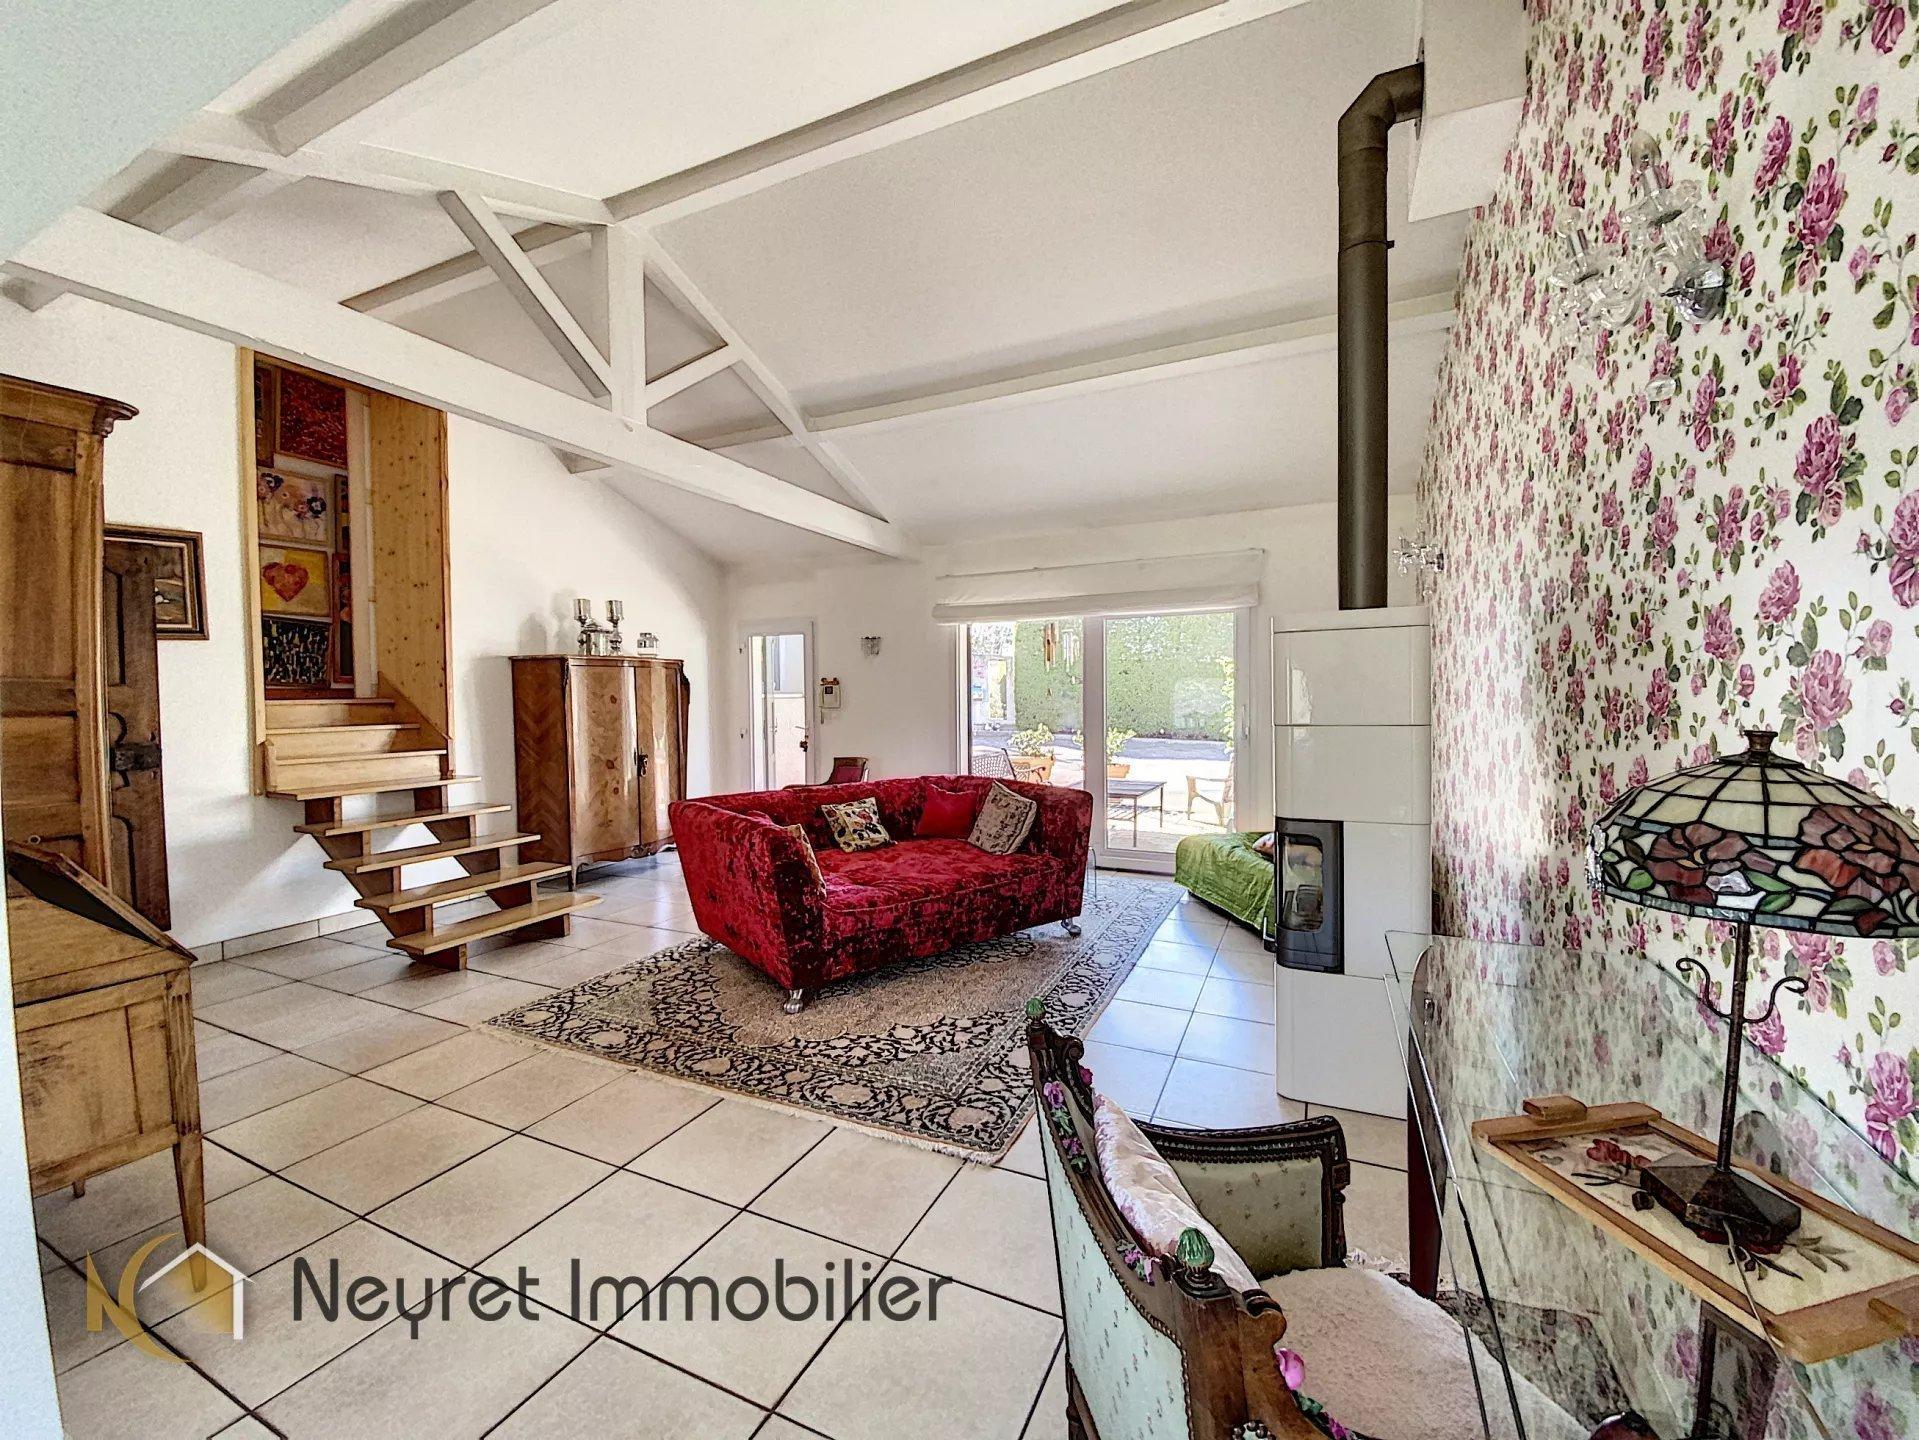 villa atypique 150 m² sur les hauteurs